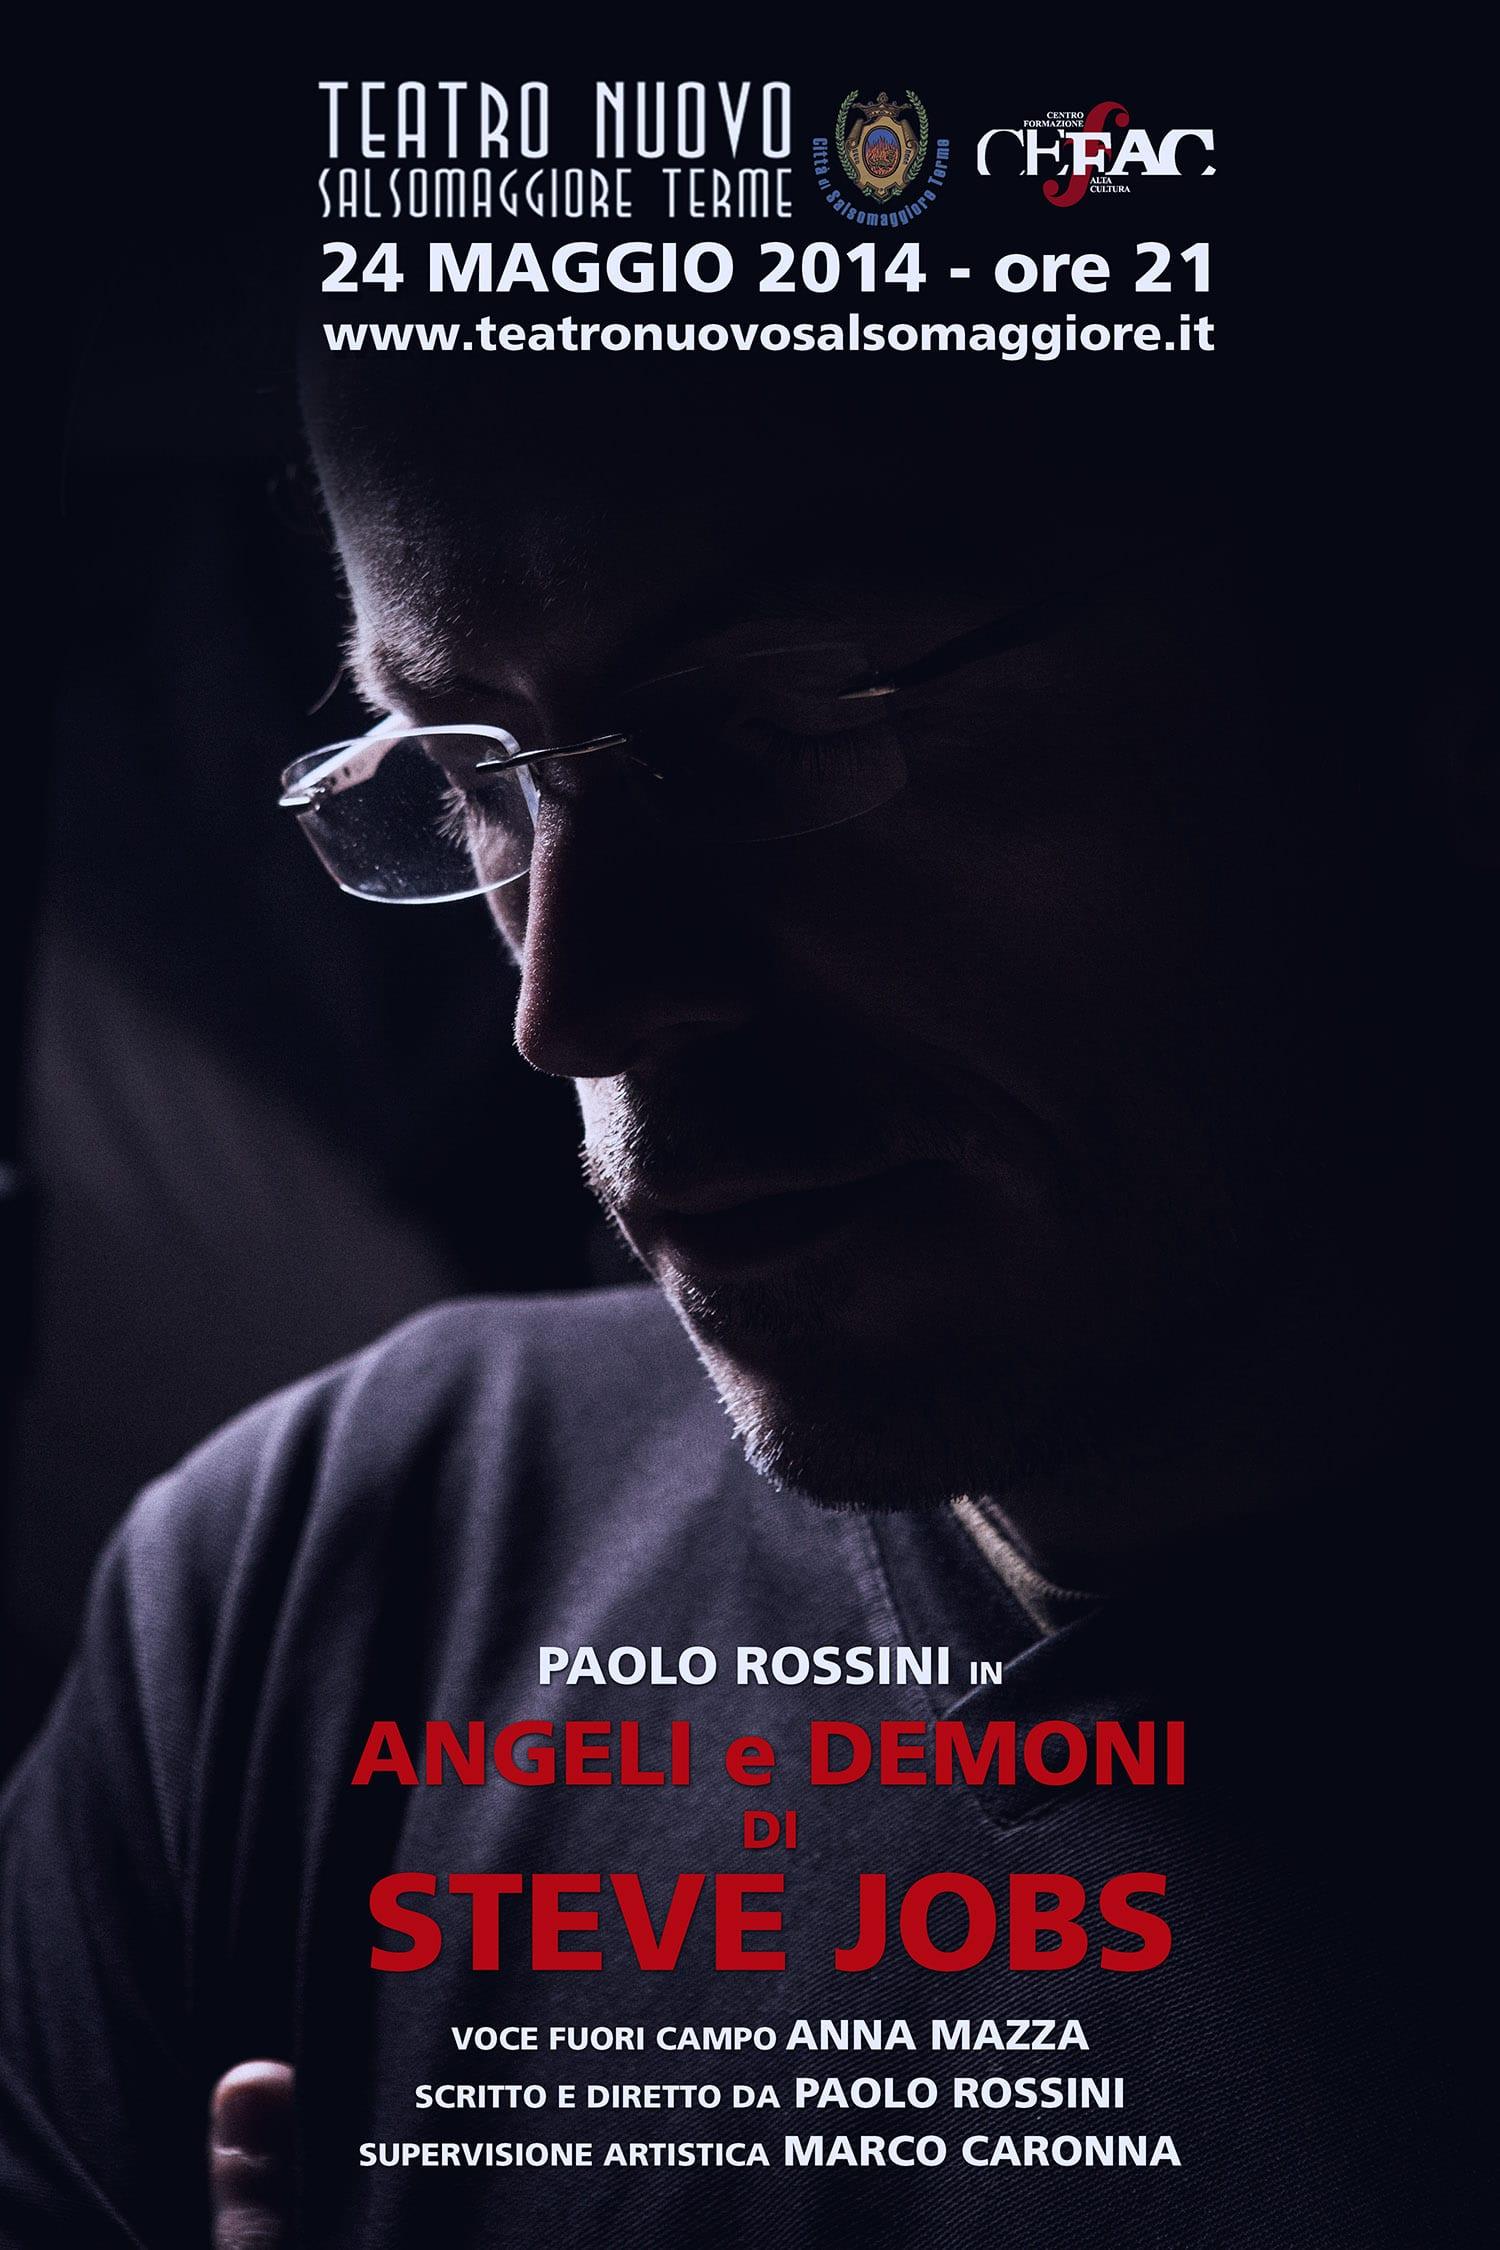 """Il 24 Maggio va in scena """"Angeli e Demoni di Steve Jobs"""" lo spettacolo teatrale di Paolo Rossini che vi consigliamo di non perdere!"""